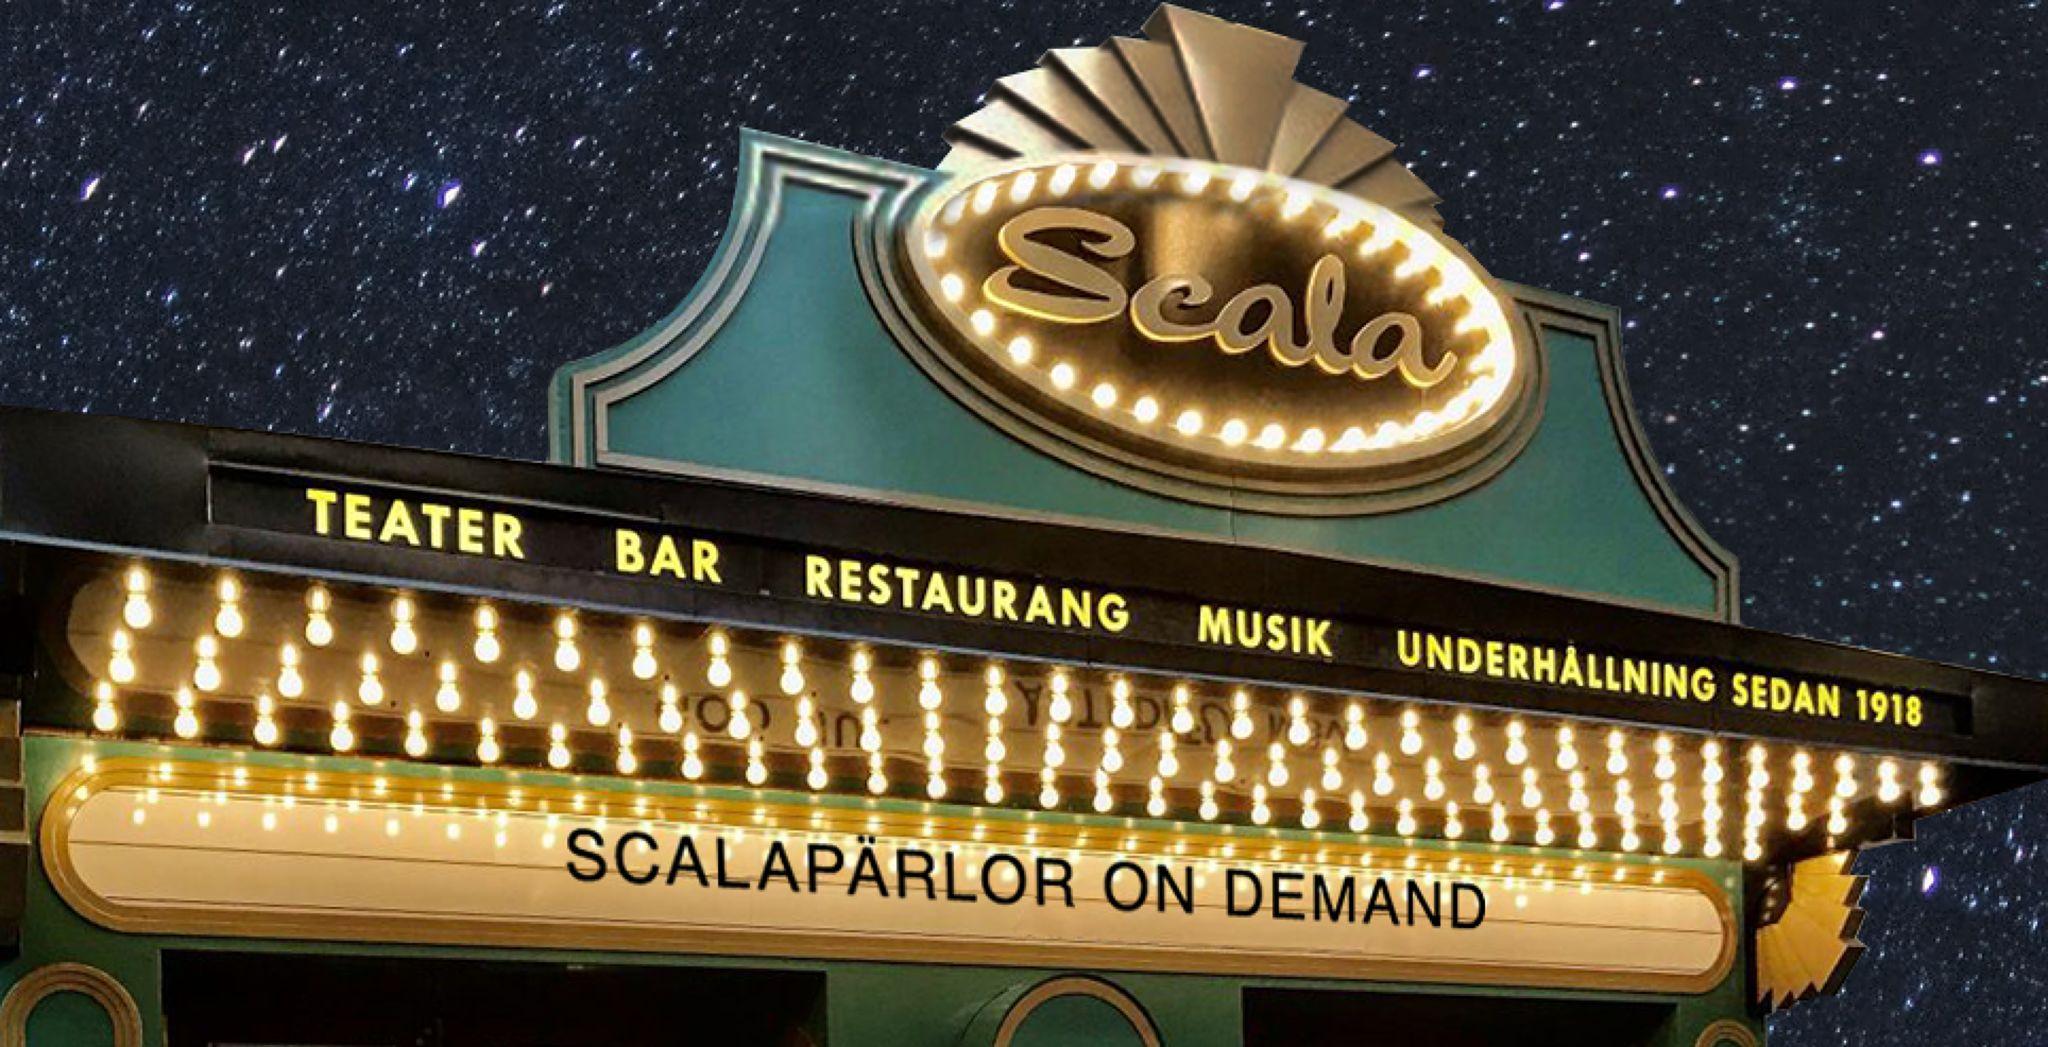 Scalateatern VOYD